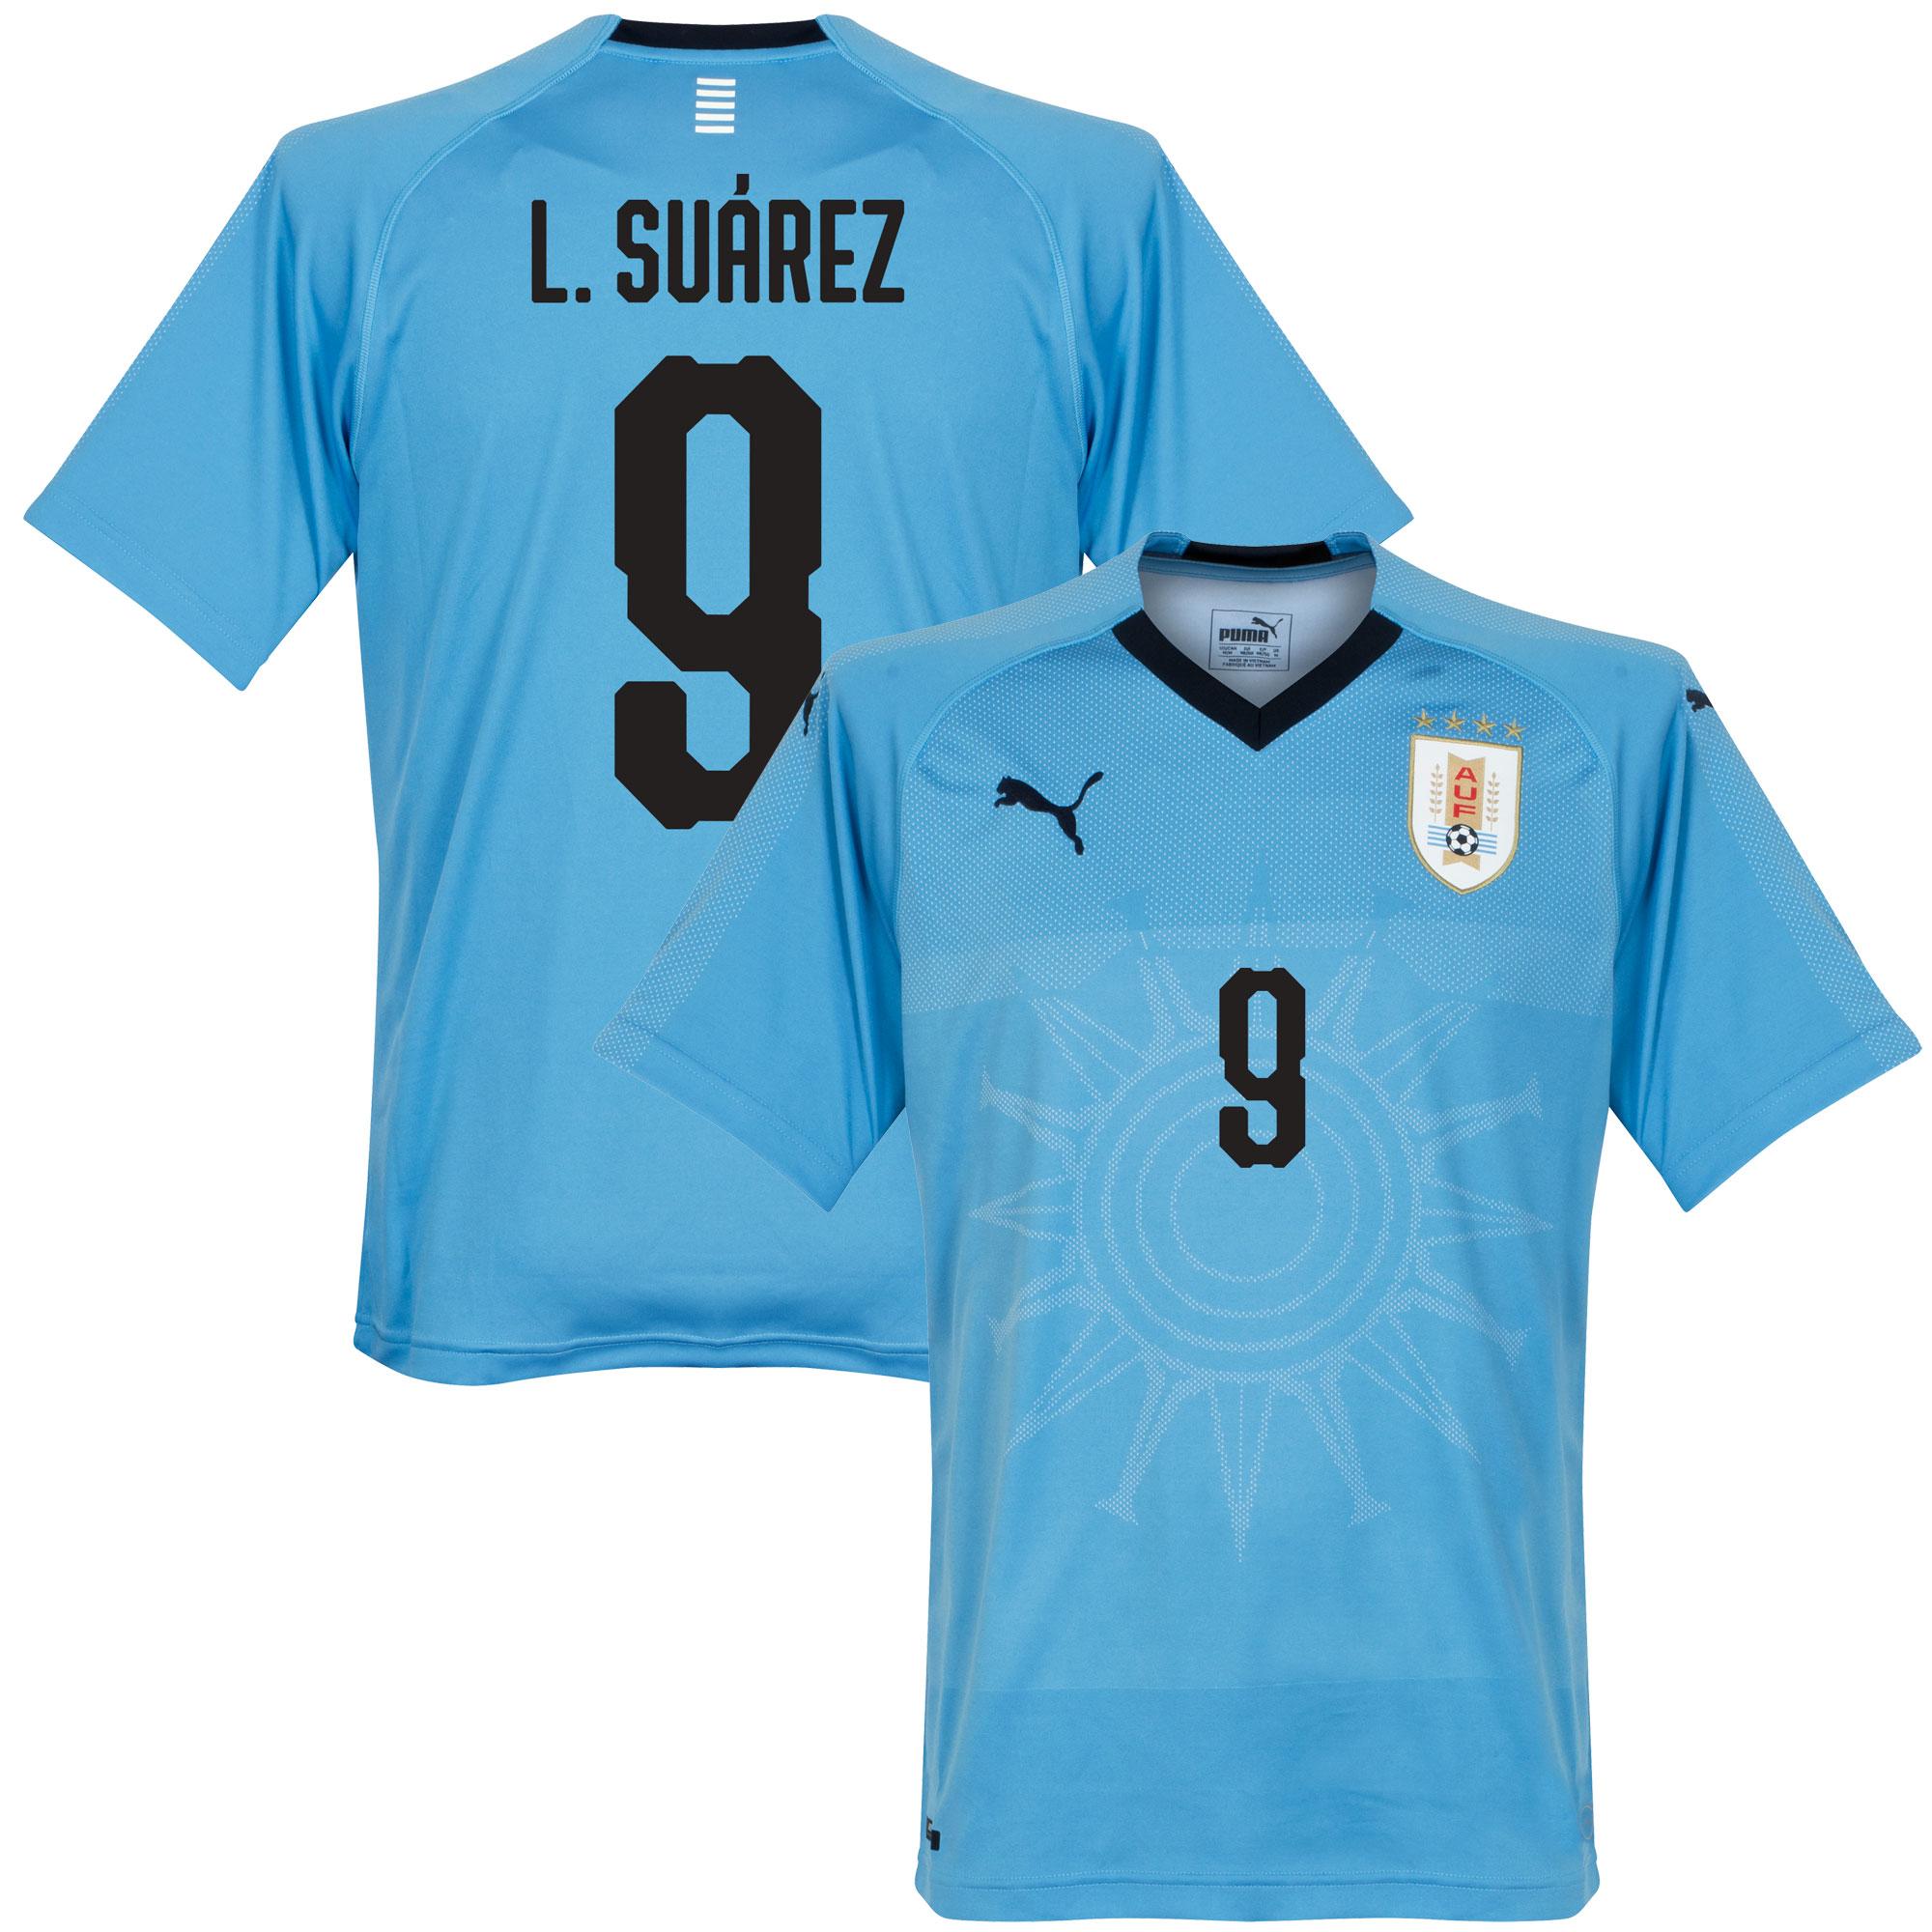 Uruguay Home Suárez Jersey 2018 / 2019 (Fan Style Printing) - L